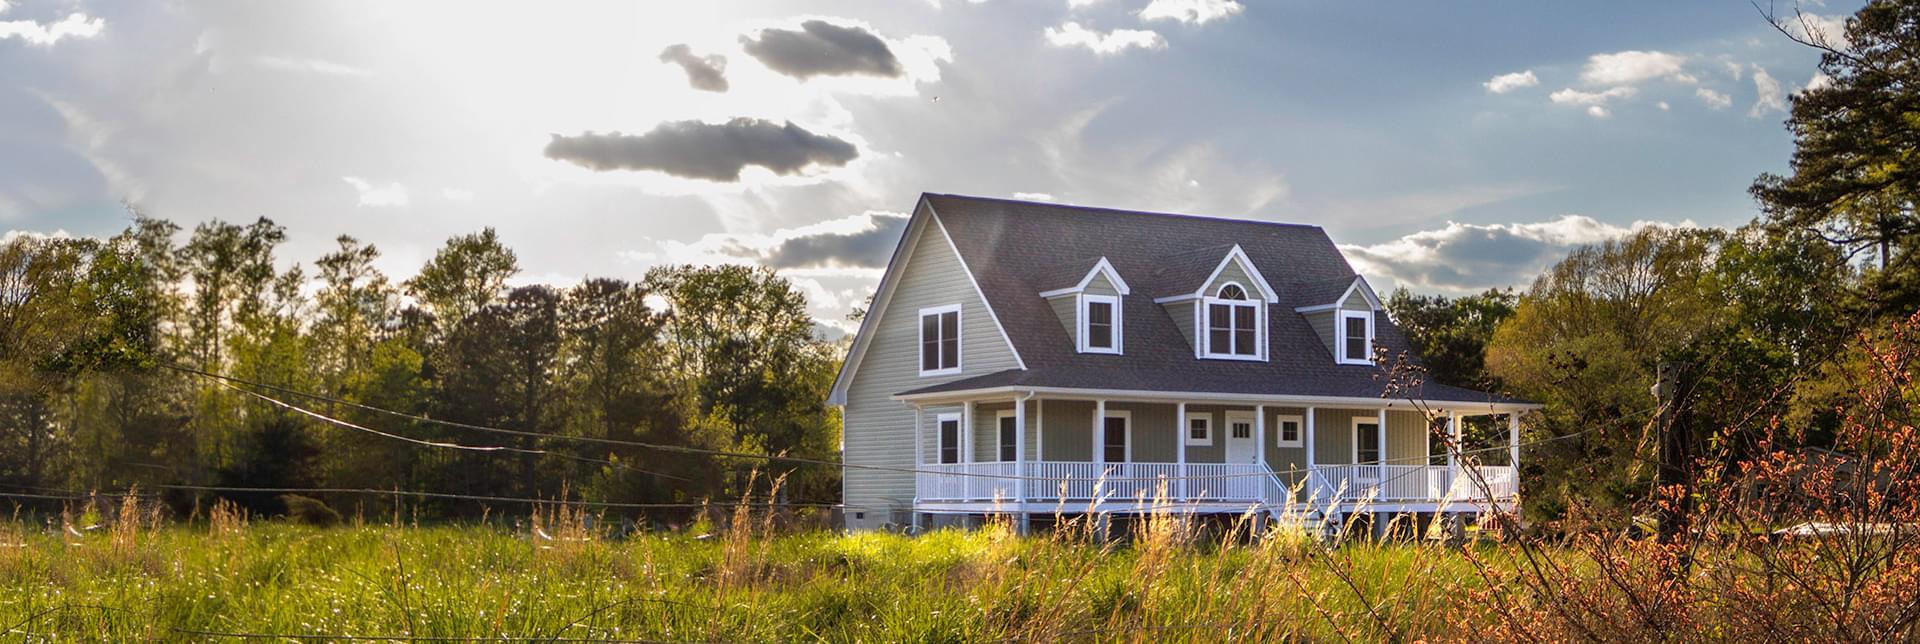 New Homes in Goochland County VA